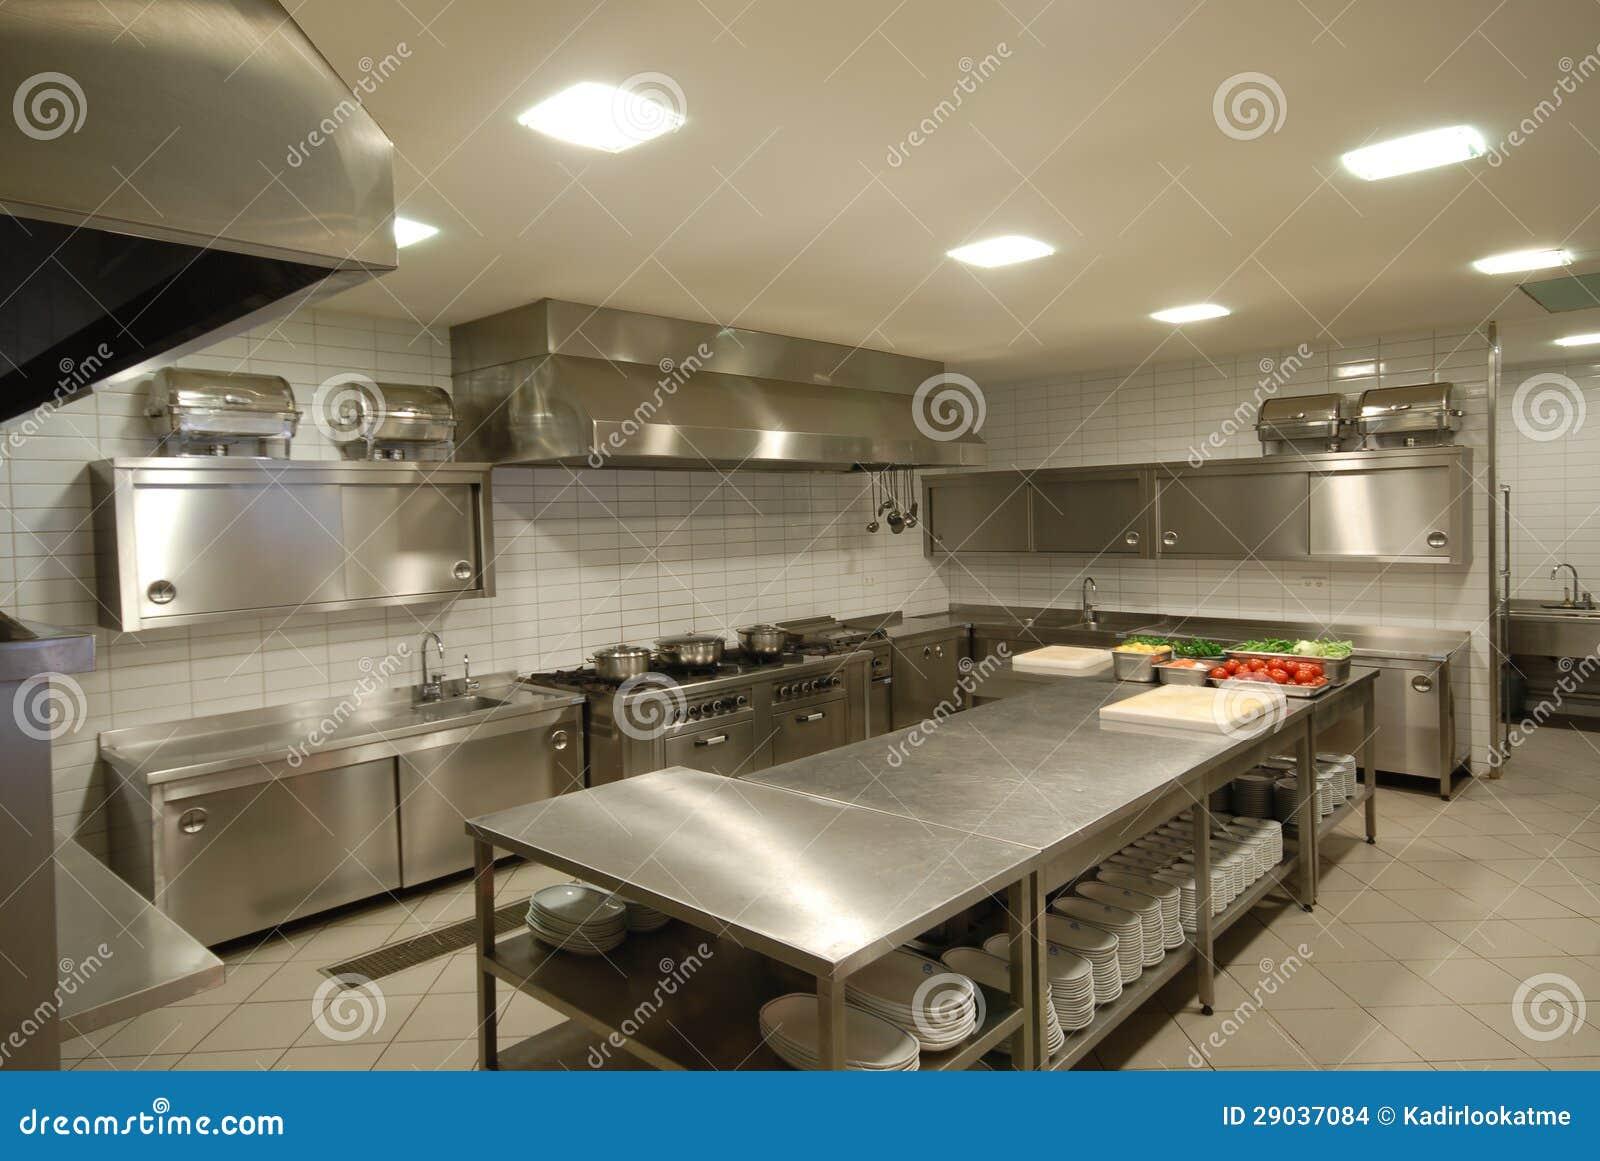 Arbeitsfläche Küche war nett design für ihr wohnideen